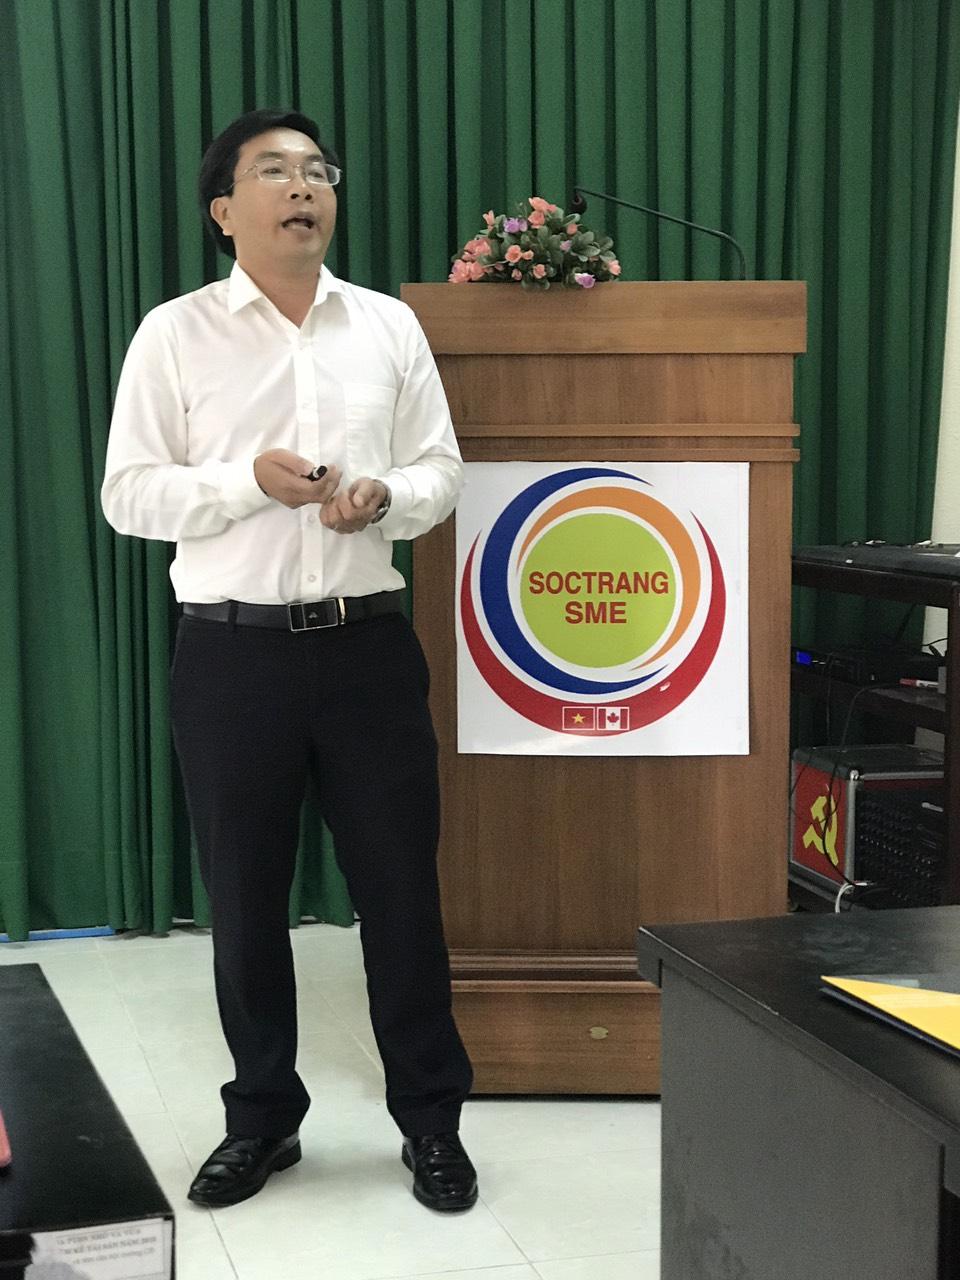 """Hiệp hội Doanh nghiệp tỉnh Sóc Trăng Tổ chức Chương trình """"Cà phê kết nối"""" ngày 27/11/2020"""